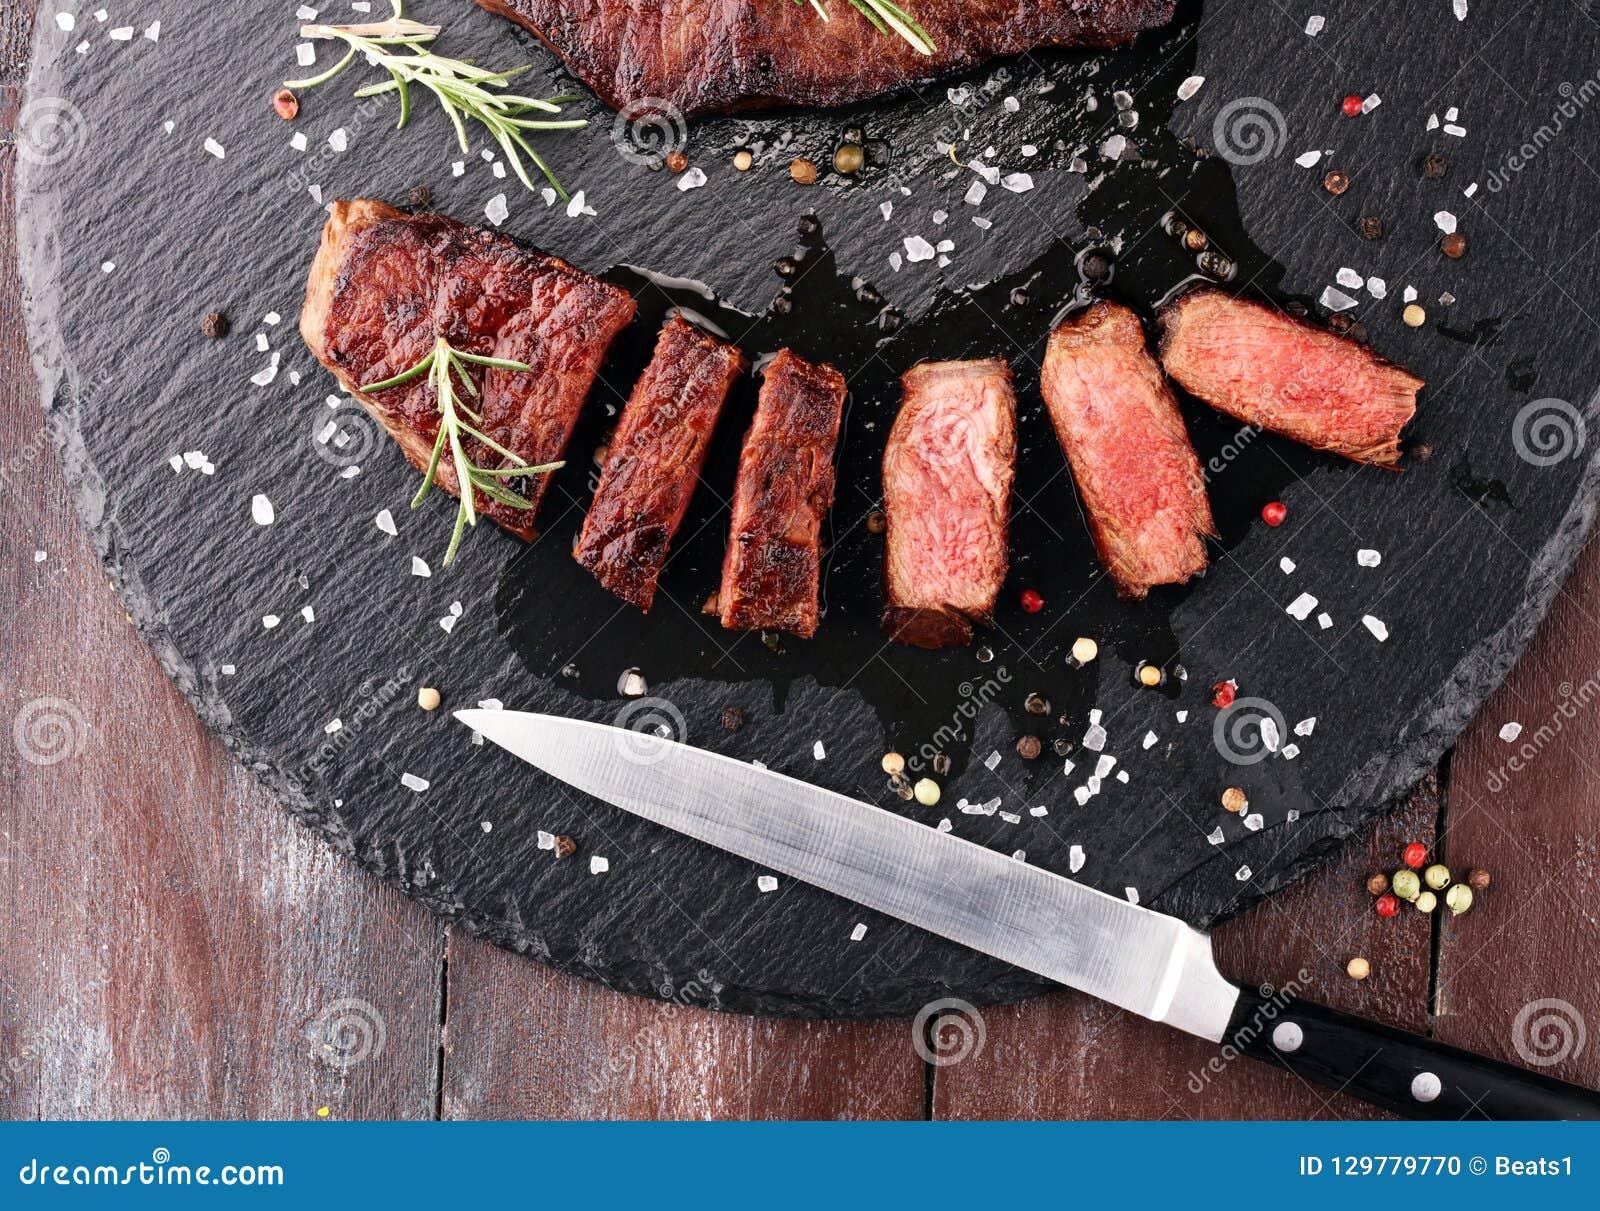 Barbecue Rib Eye Steak of achterdeellapje vlees - Droog Oud Wagyu-Entrecôte